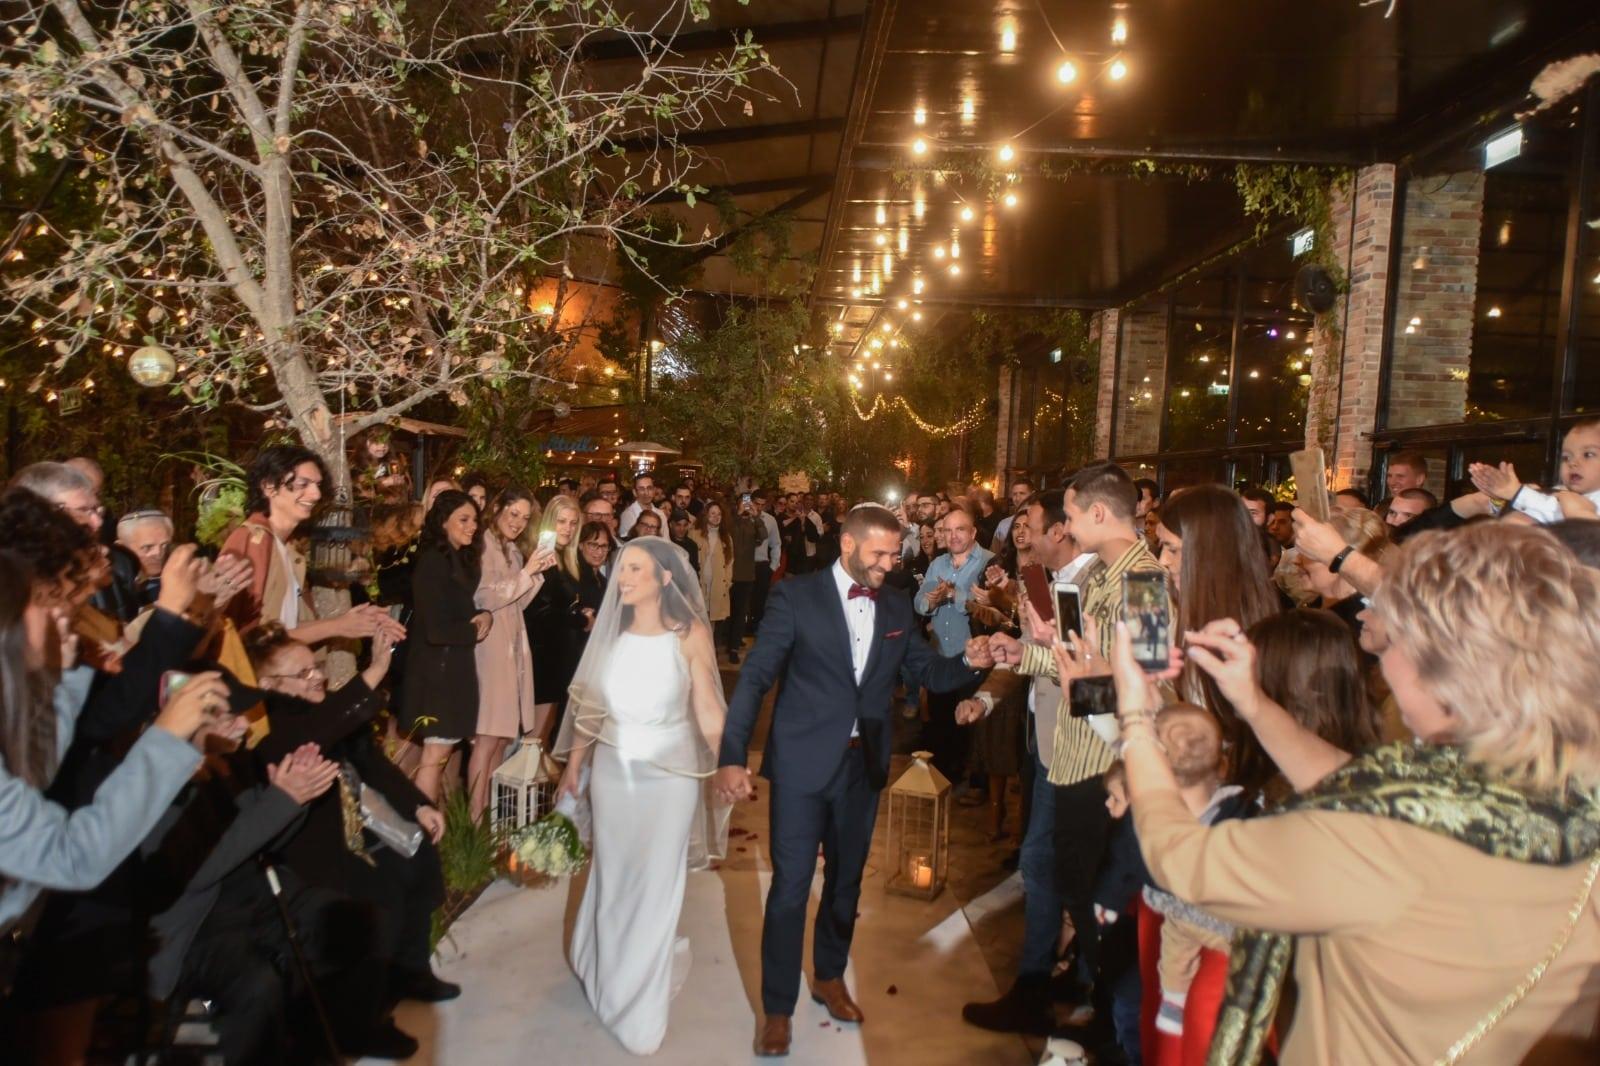 חתונה באולם אירועים גרייס